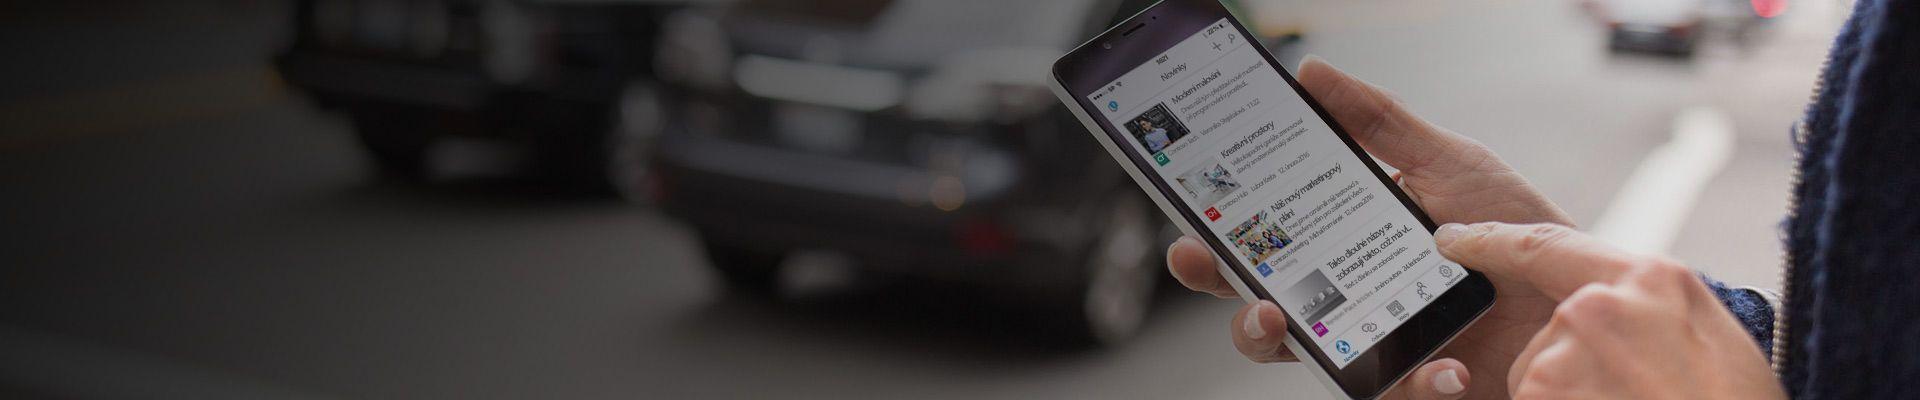 Smartphone zobrazující sharepointové novinky z webů